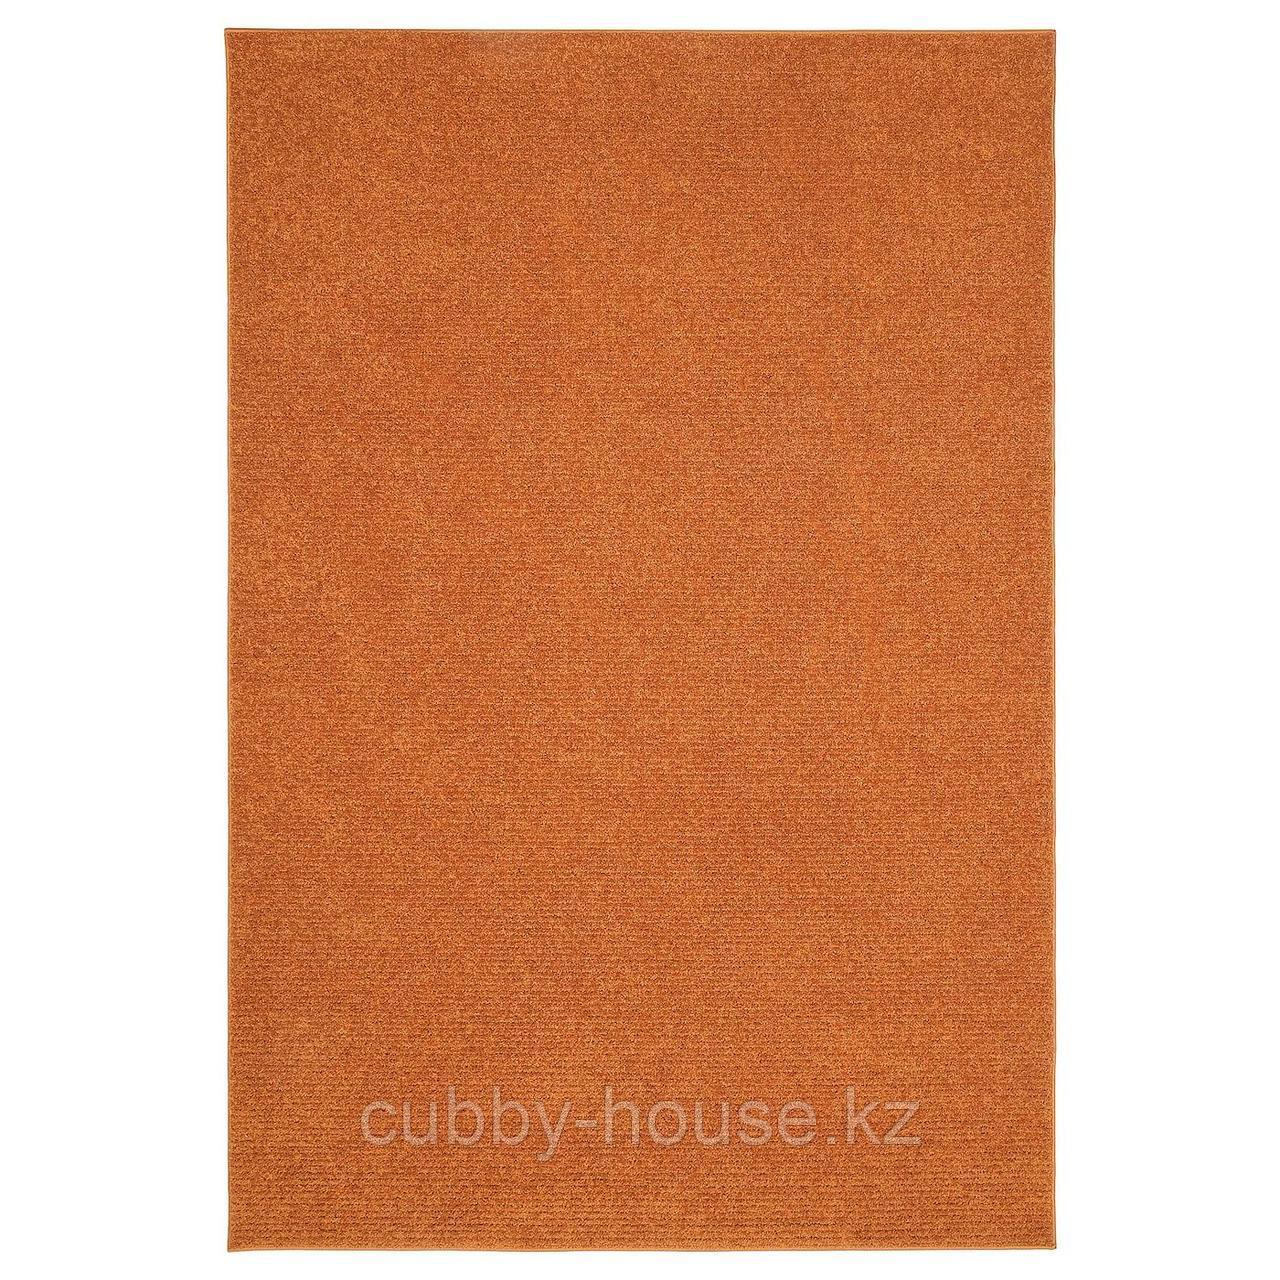 СПОРУП Ковер, короткий ворс, коричневый, 200x300 см